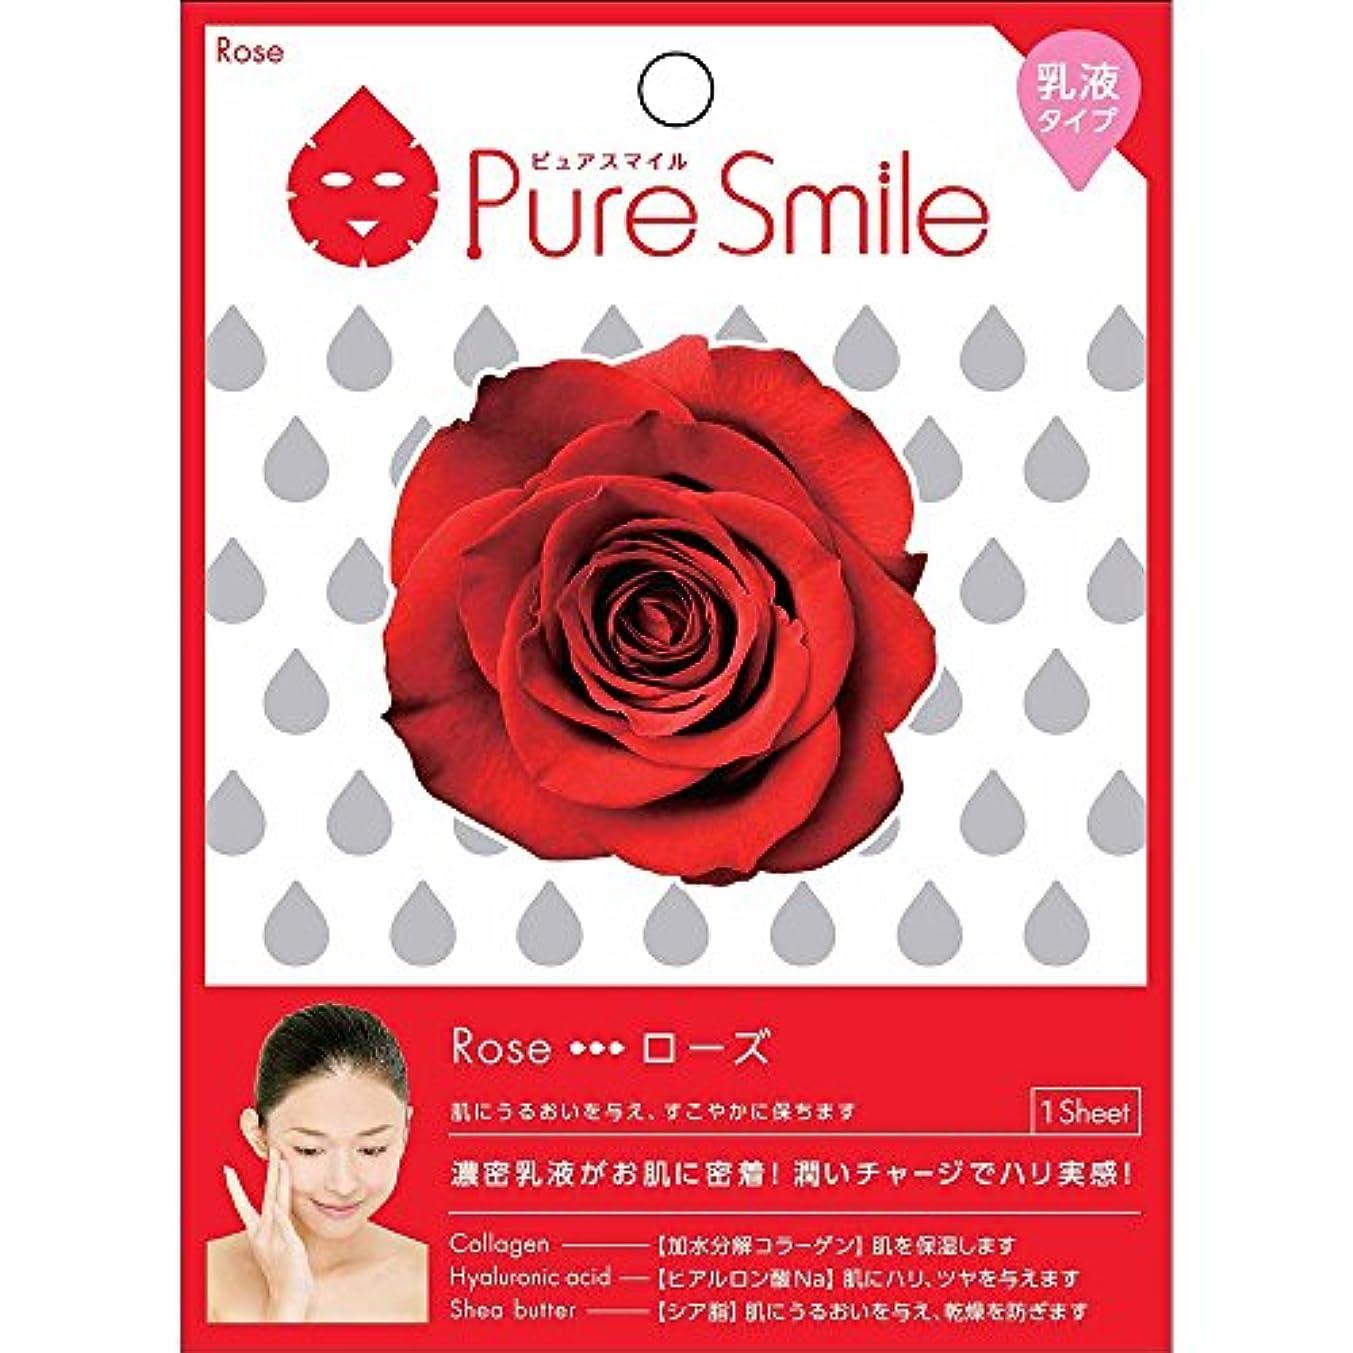 したい百万請求書Pure Smile(ピュアスマイル) 乳液エッセンスマスク 1 枚 ローズ